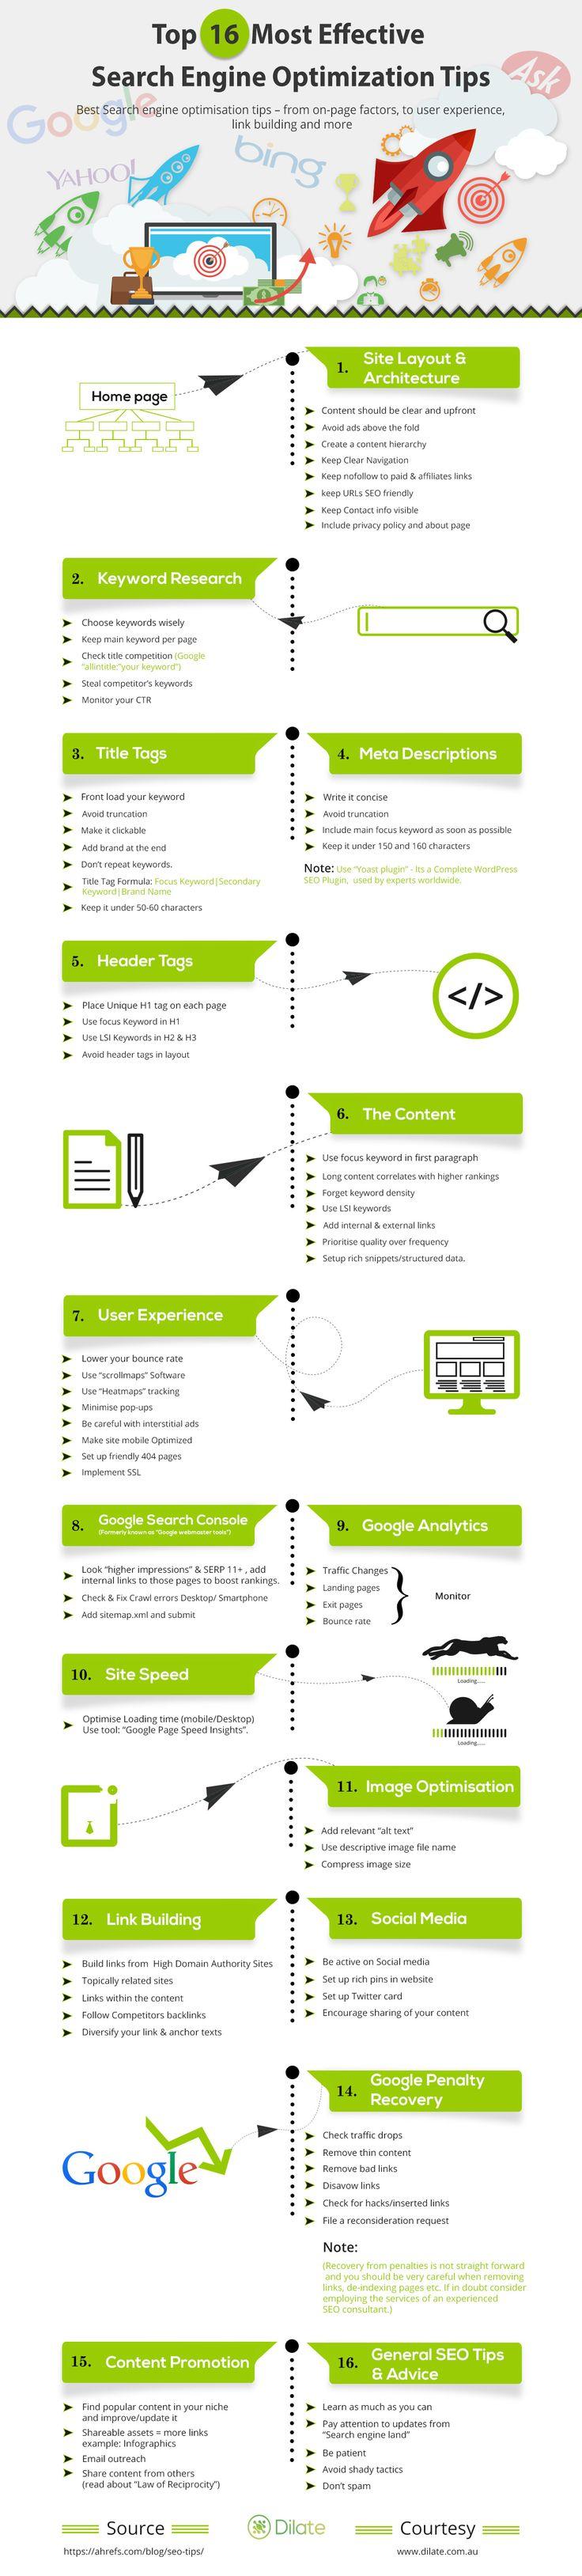 16 técnicas SEO que puedes utilizar ahora mismo para mejorar el posicionamiento de tu web o blog de empresa o profesional. 16 Actionable SEO Techniques You Can Use Right Now